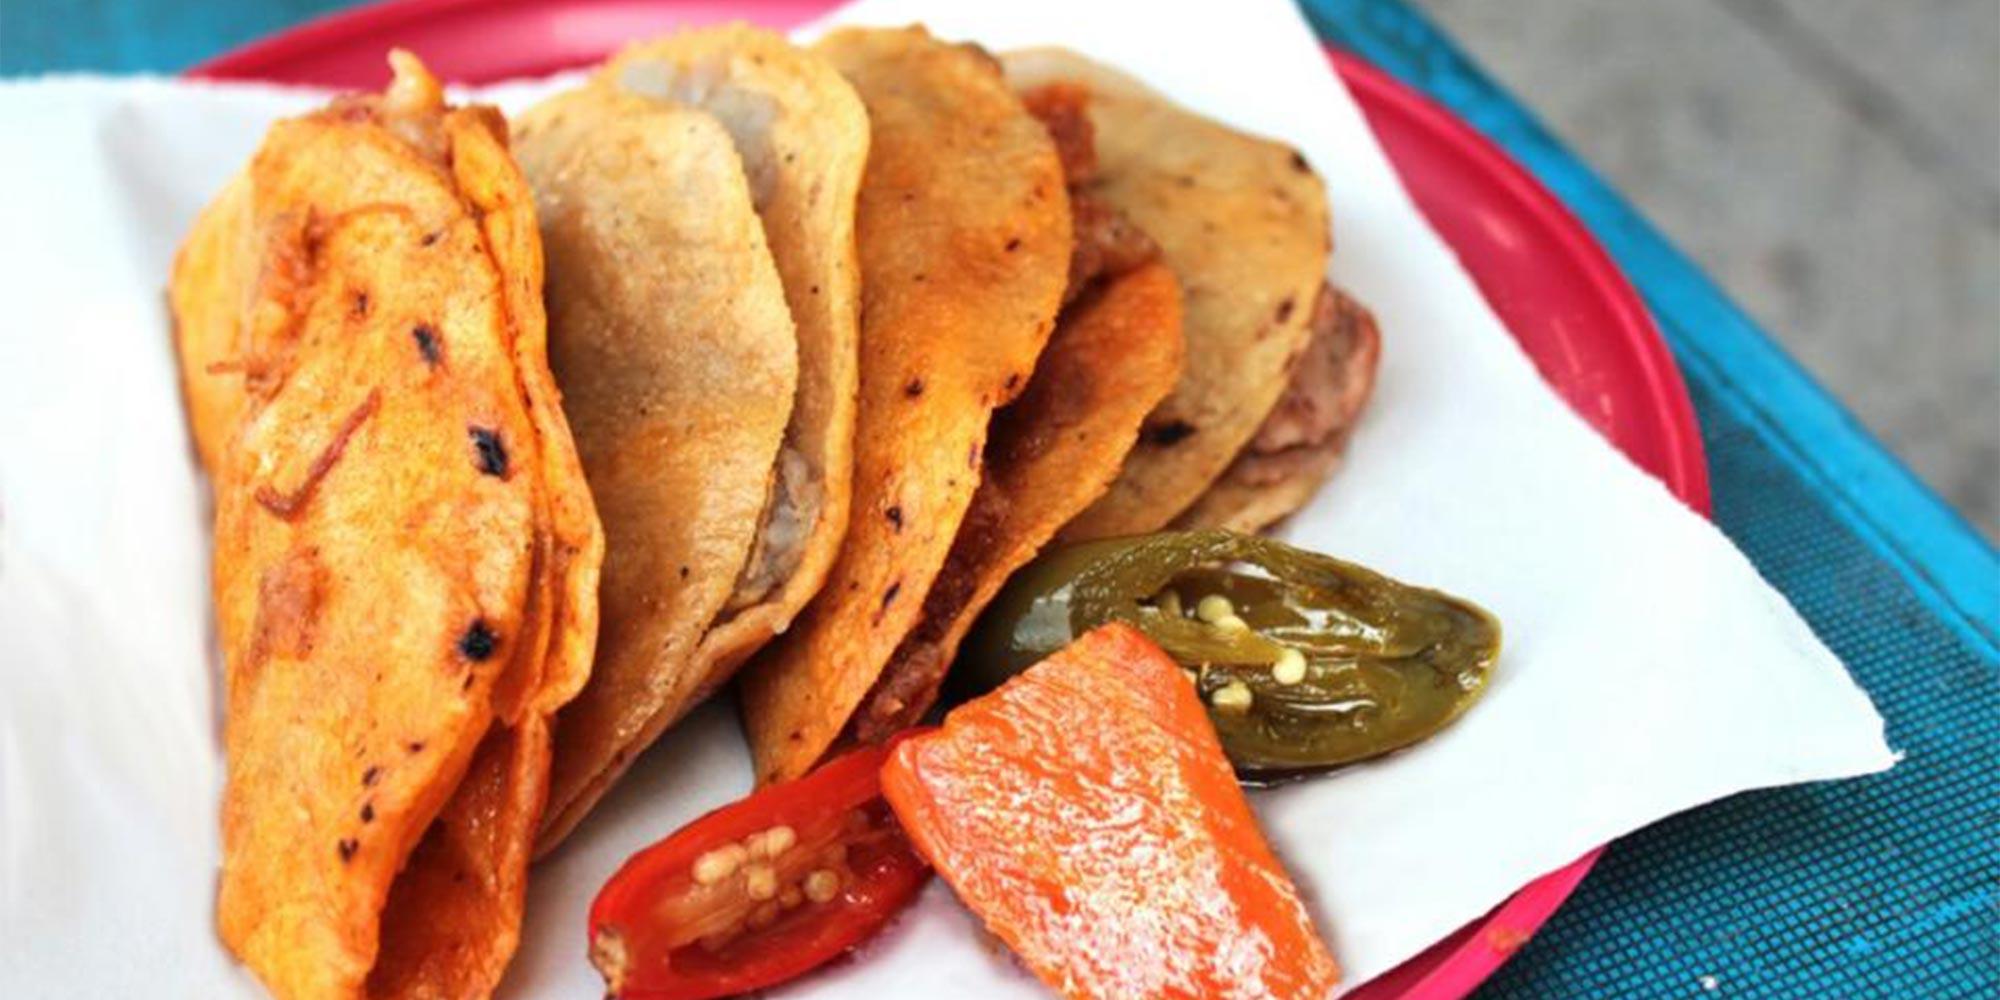 Canasta Tacos at Los Especiales in Mexico City